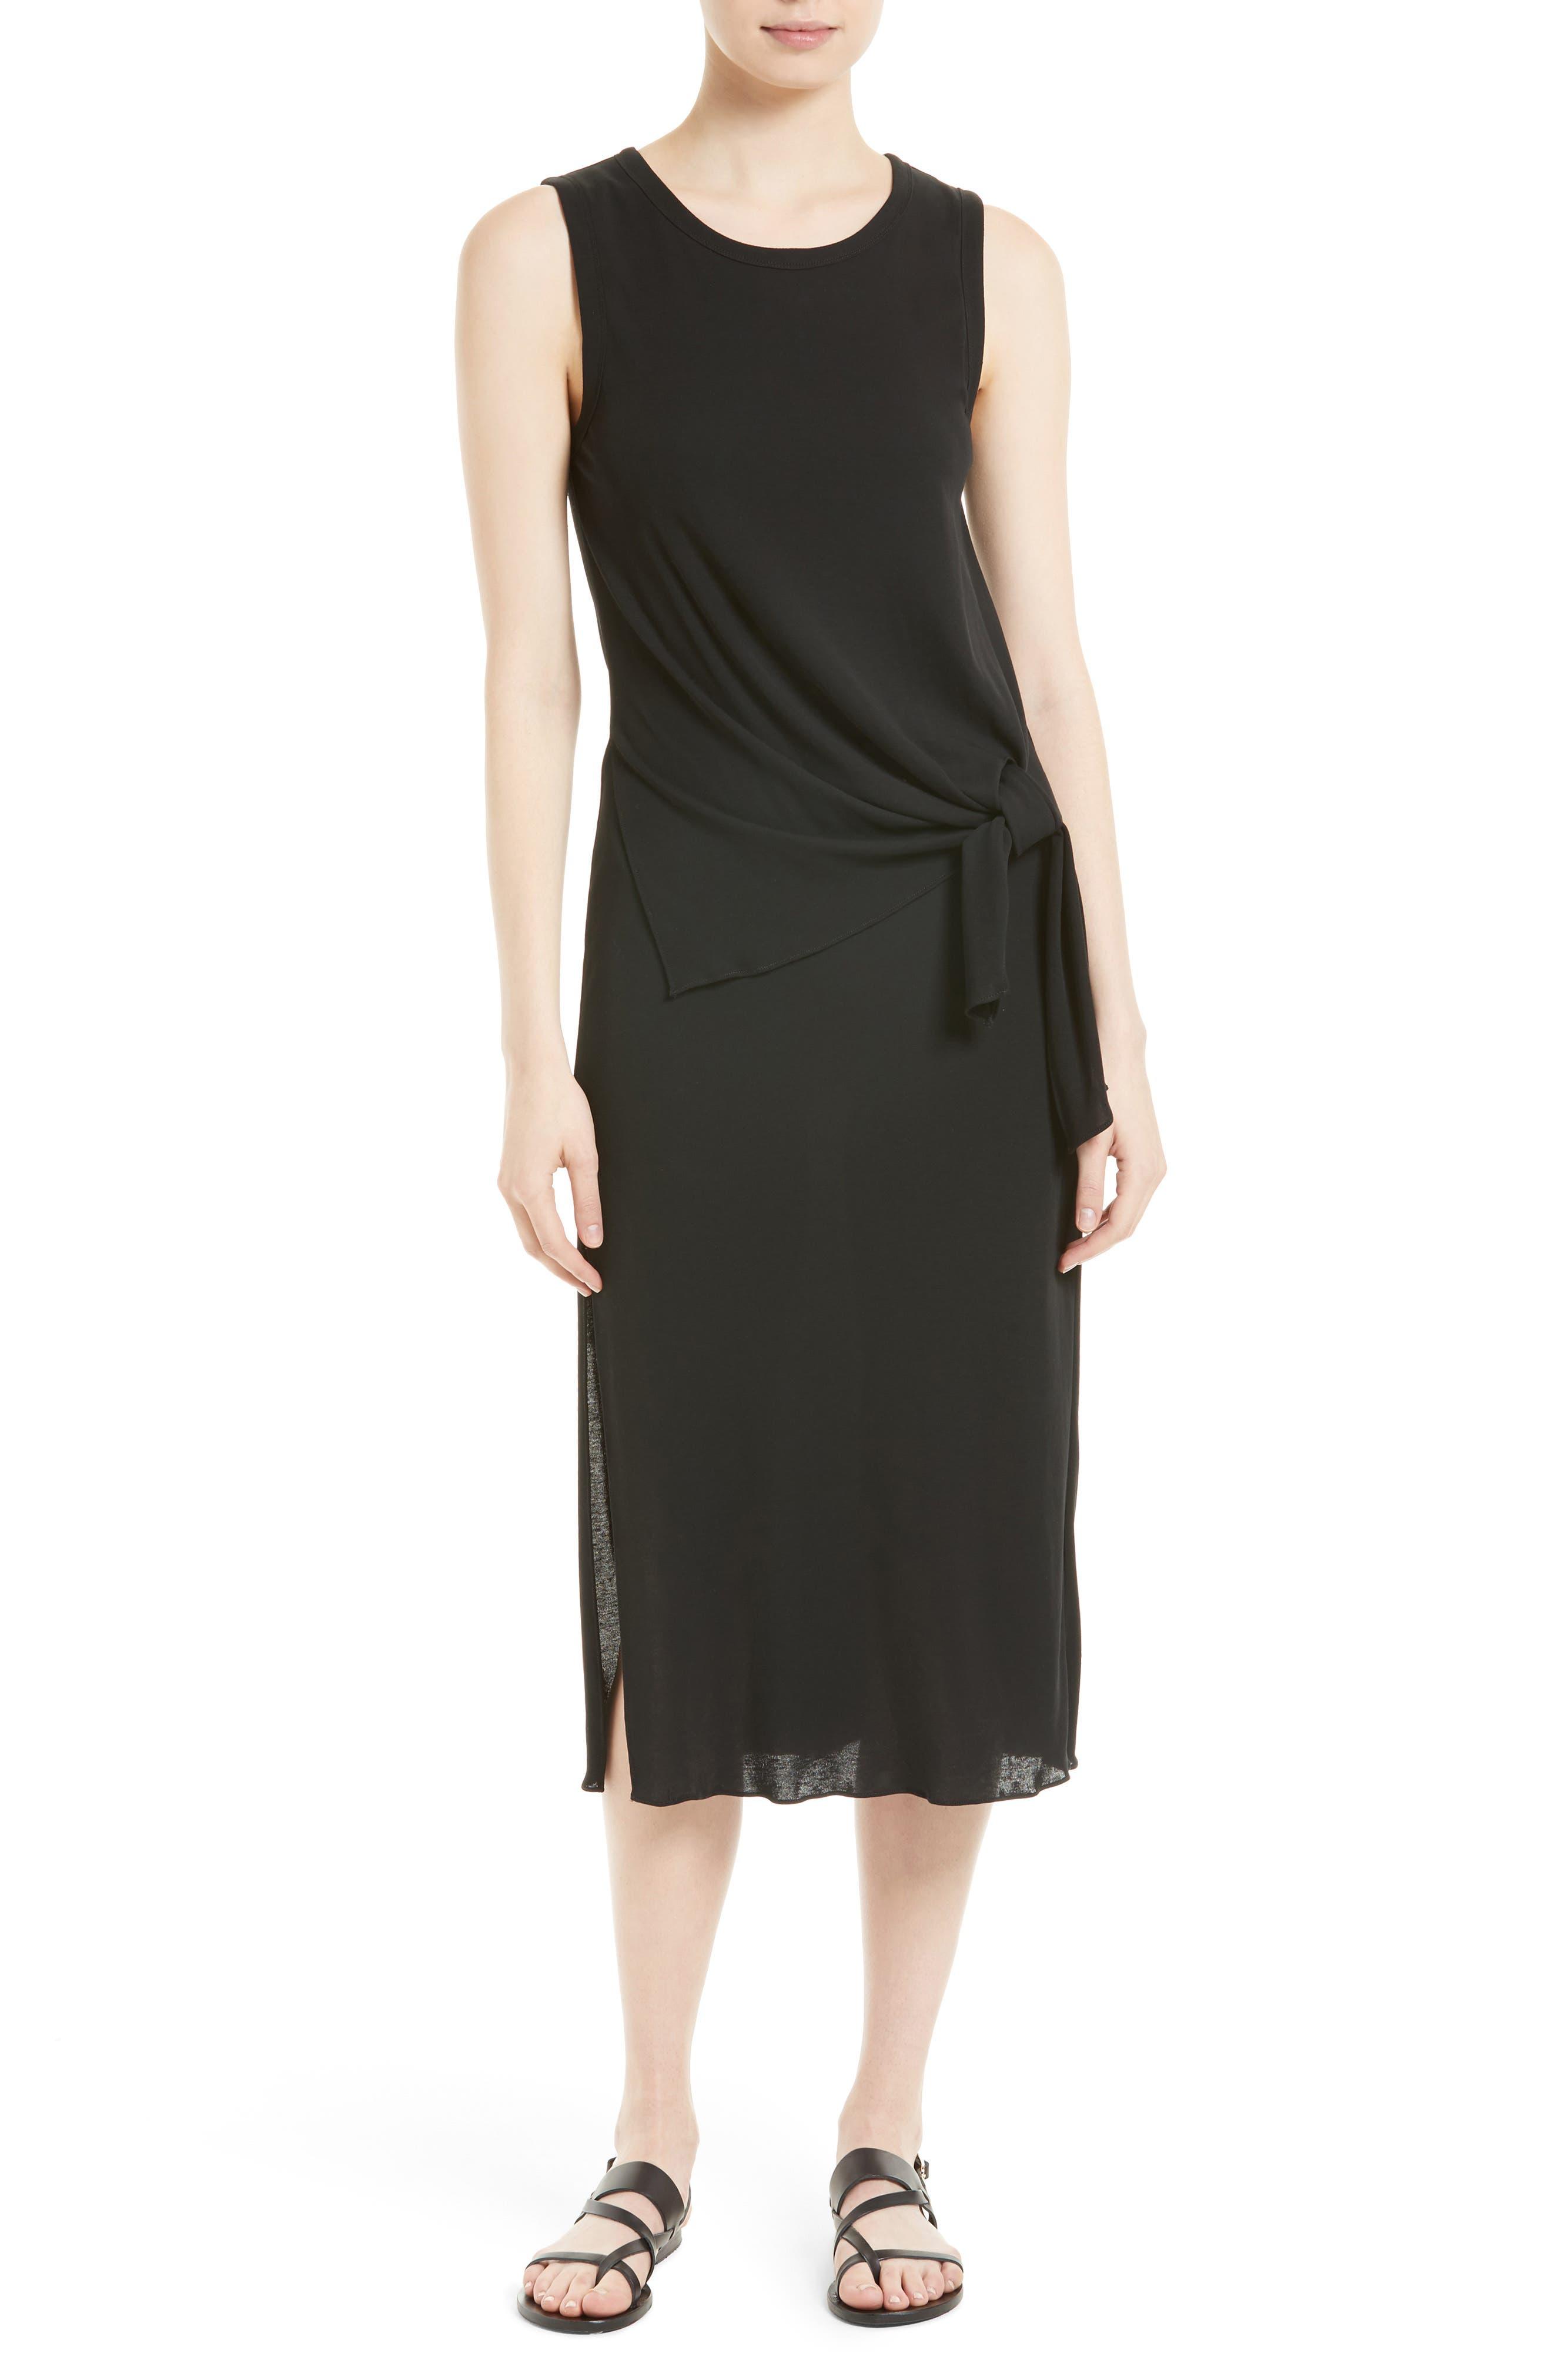 Dorotea K Tie Front Cotton Interlock Dress,                             Main thumbnail 1, color,                             001